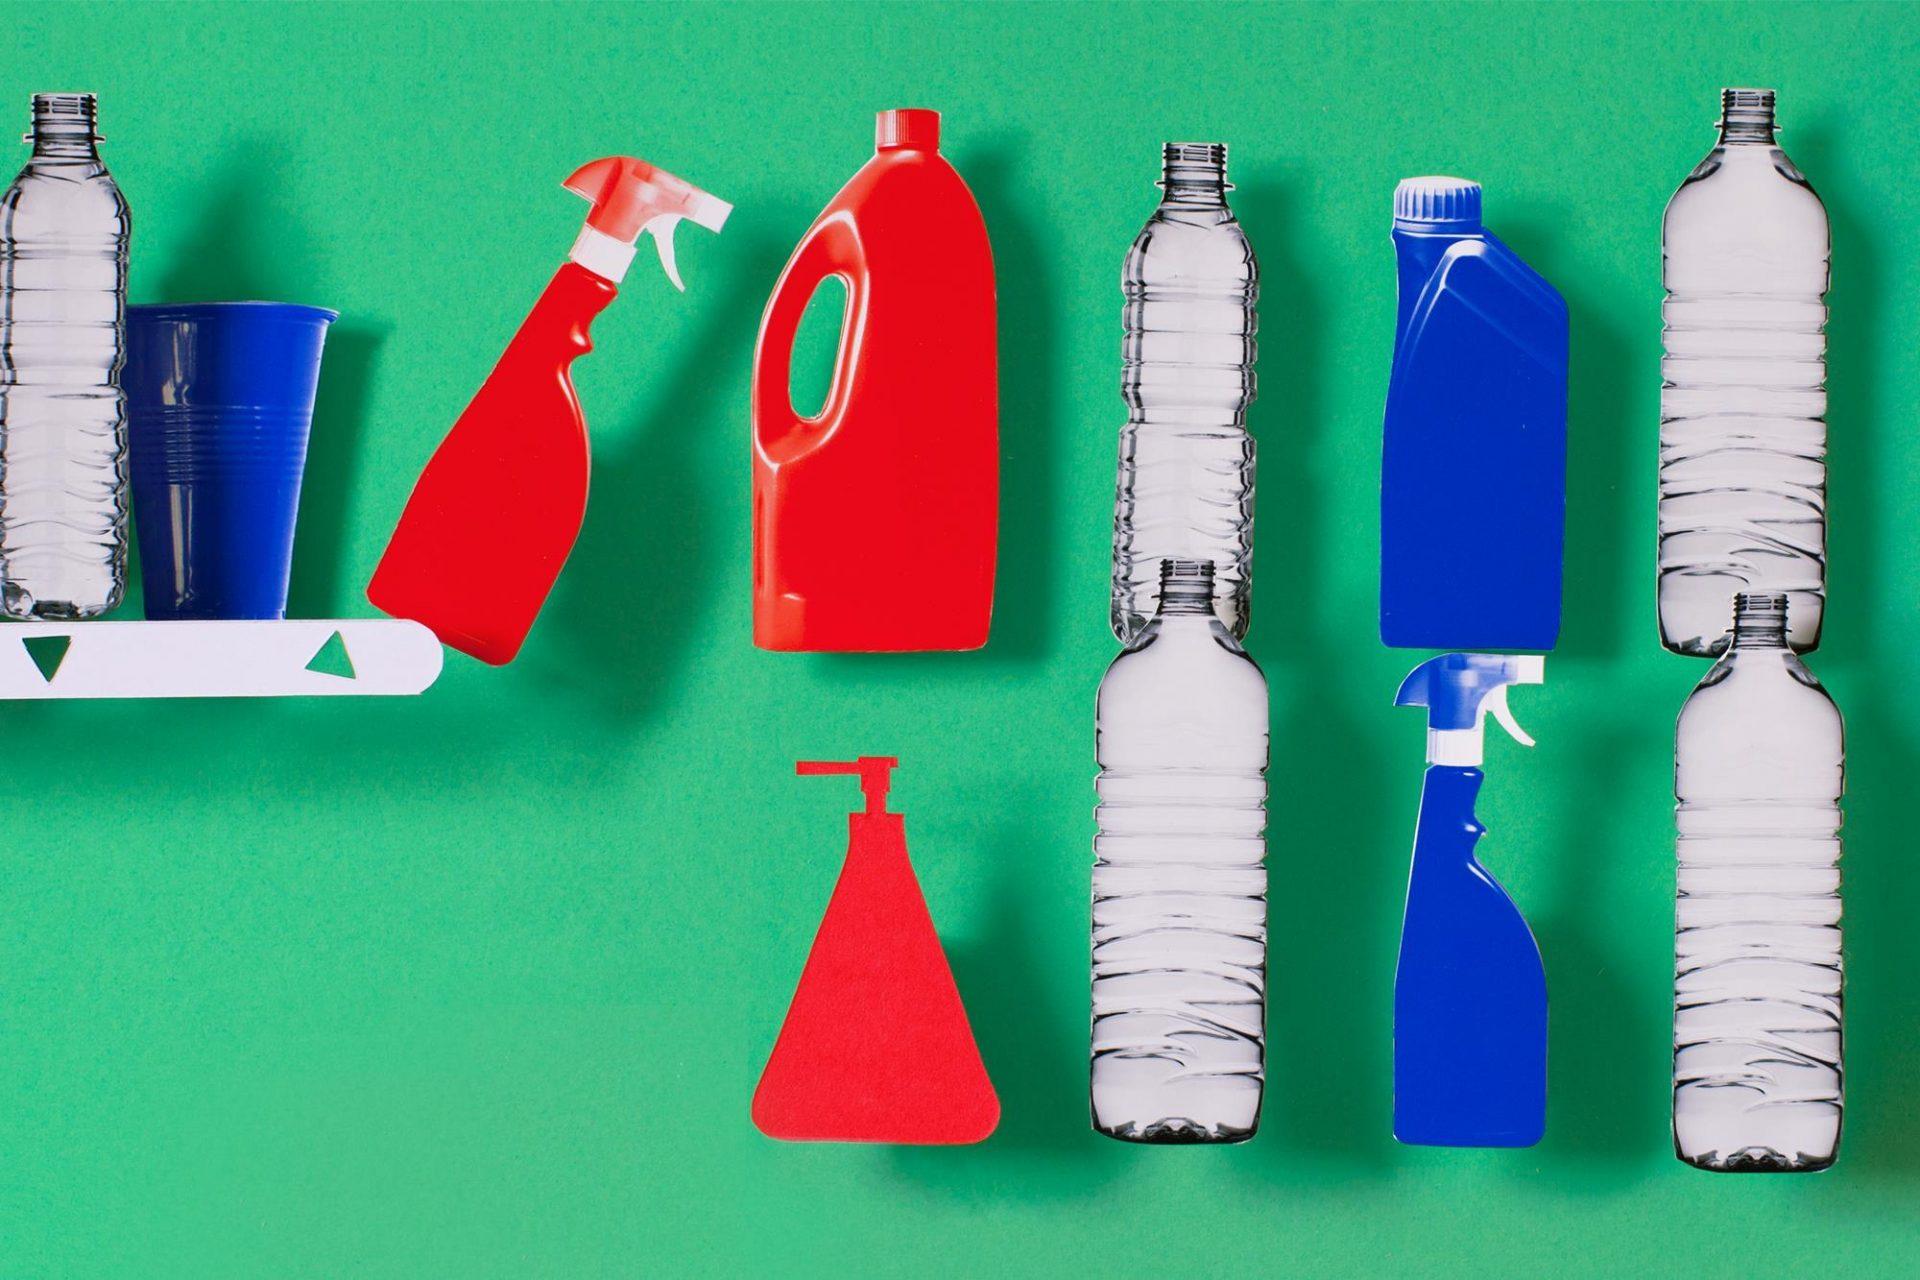 خریدار بازیافت انواع ضایعات پلاستیک